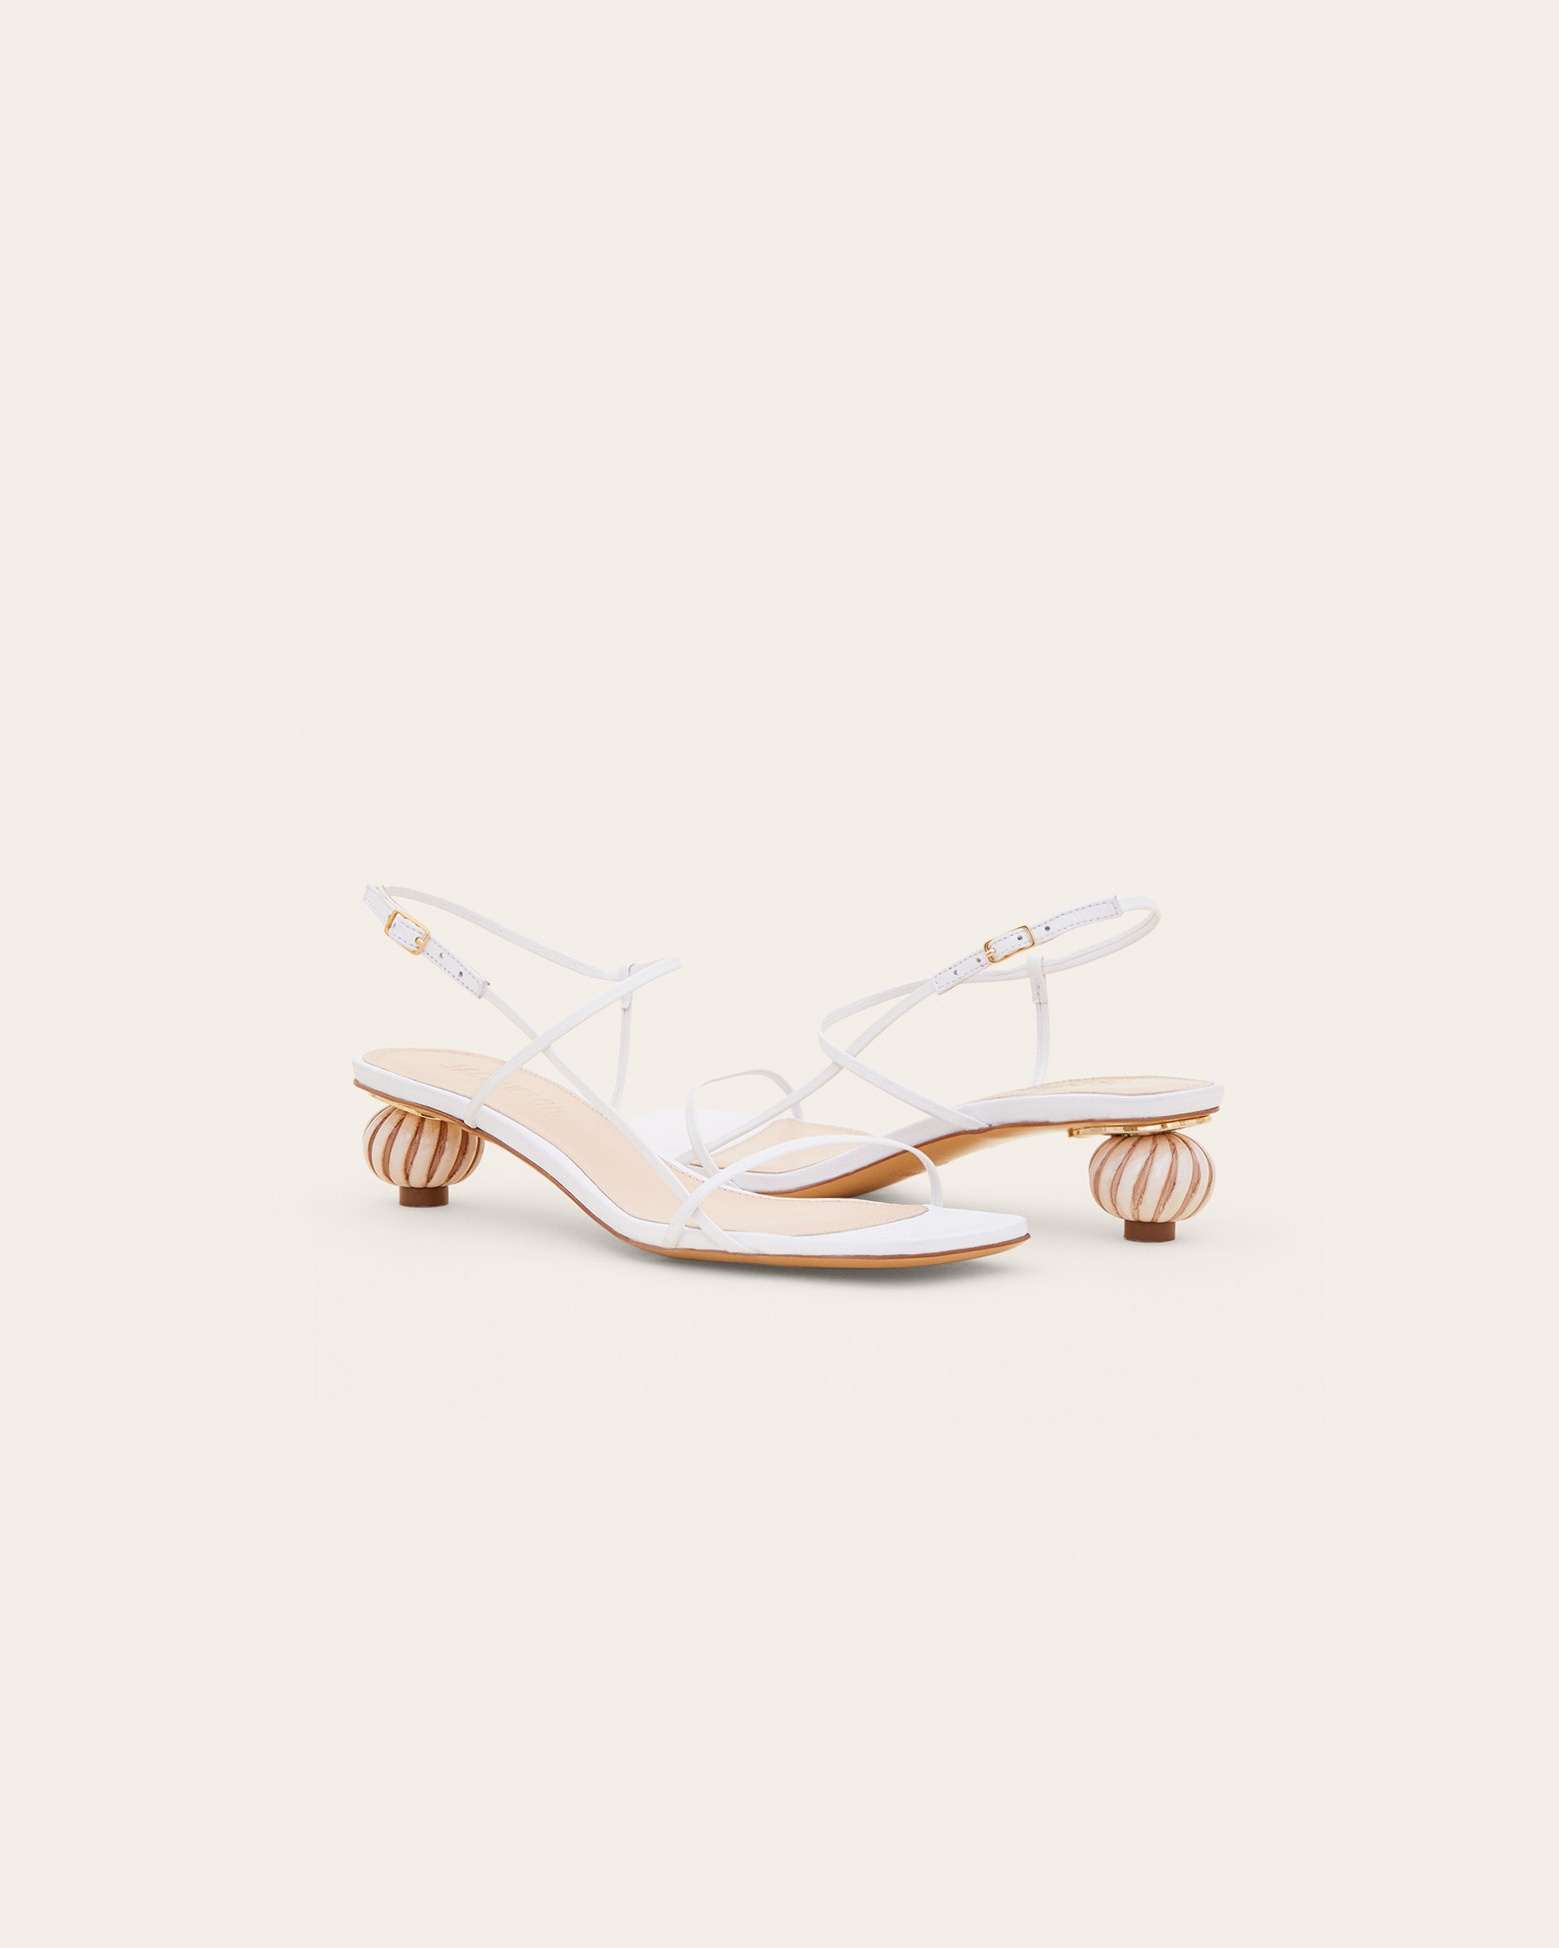 Les sandales Manosque